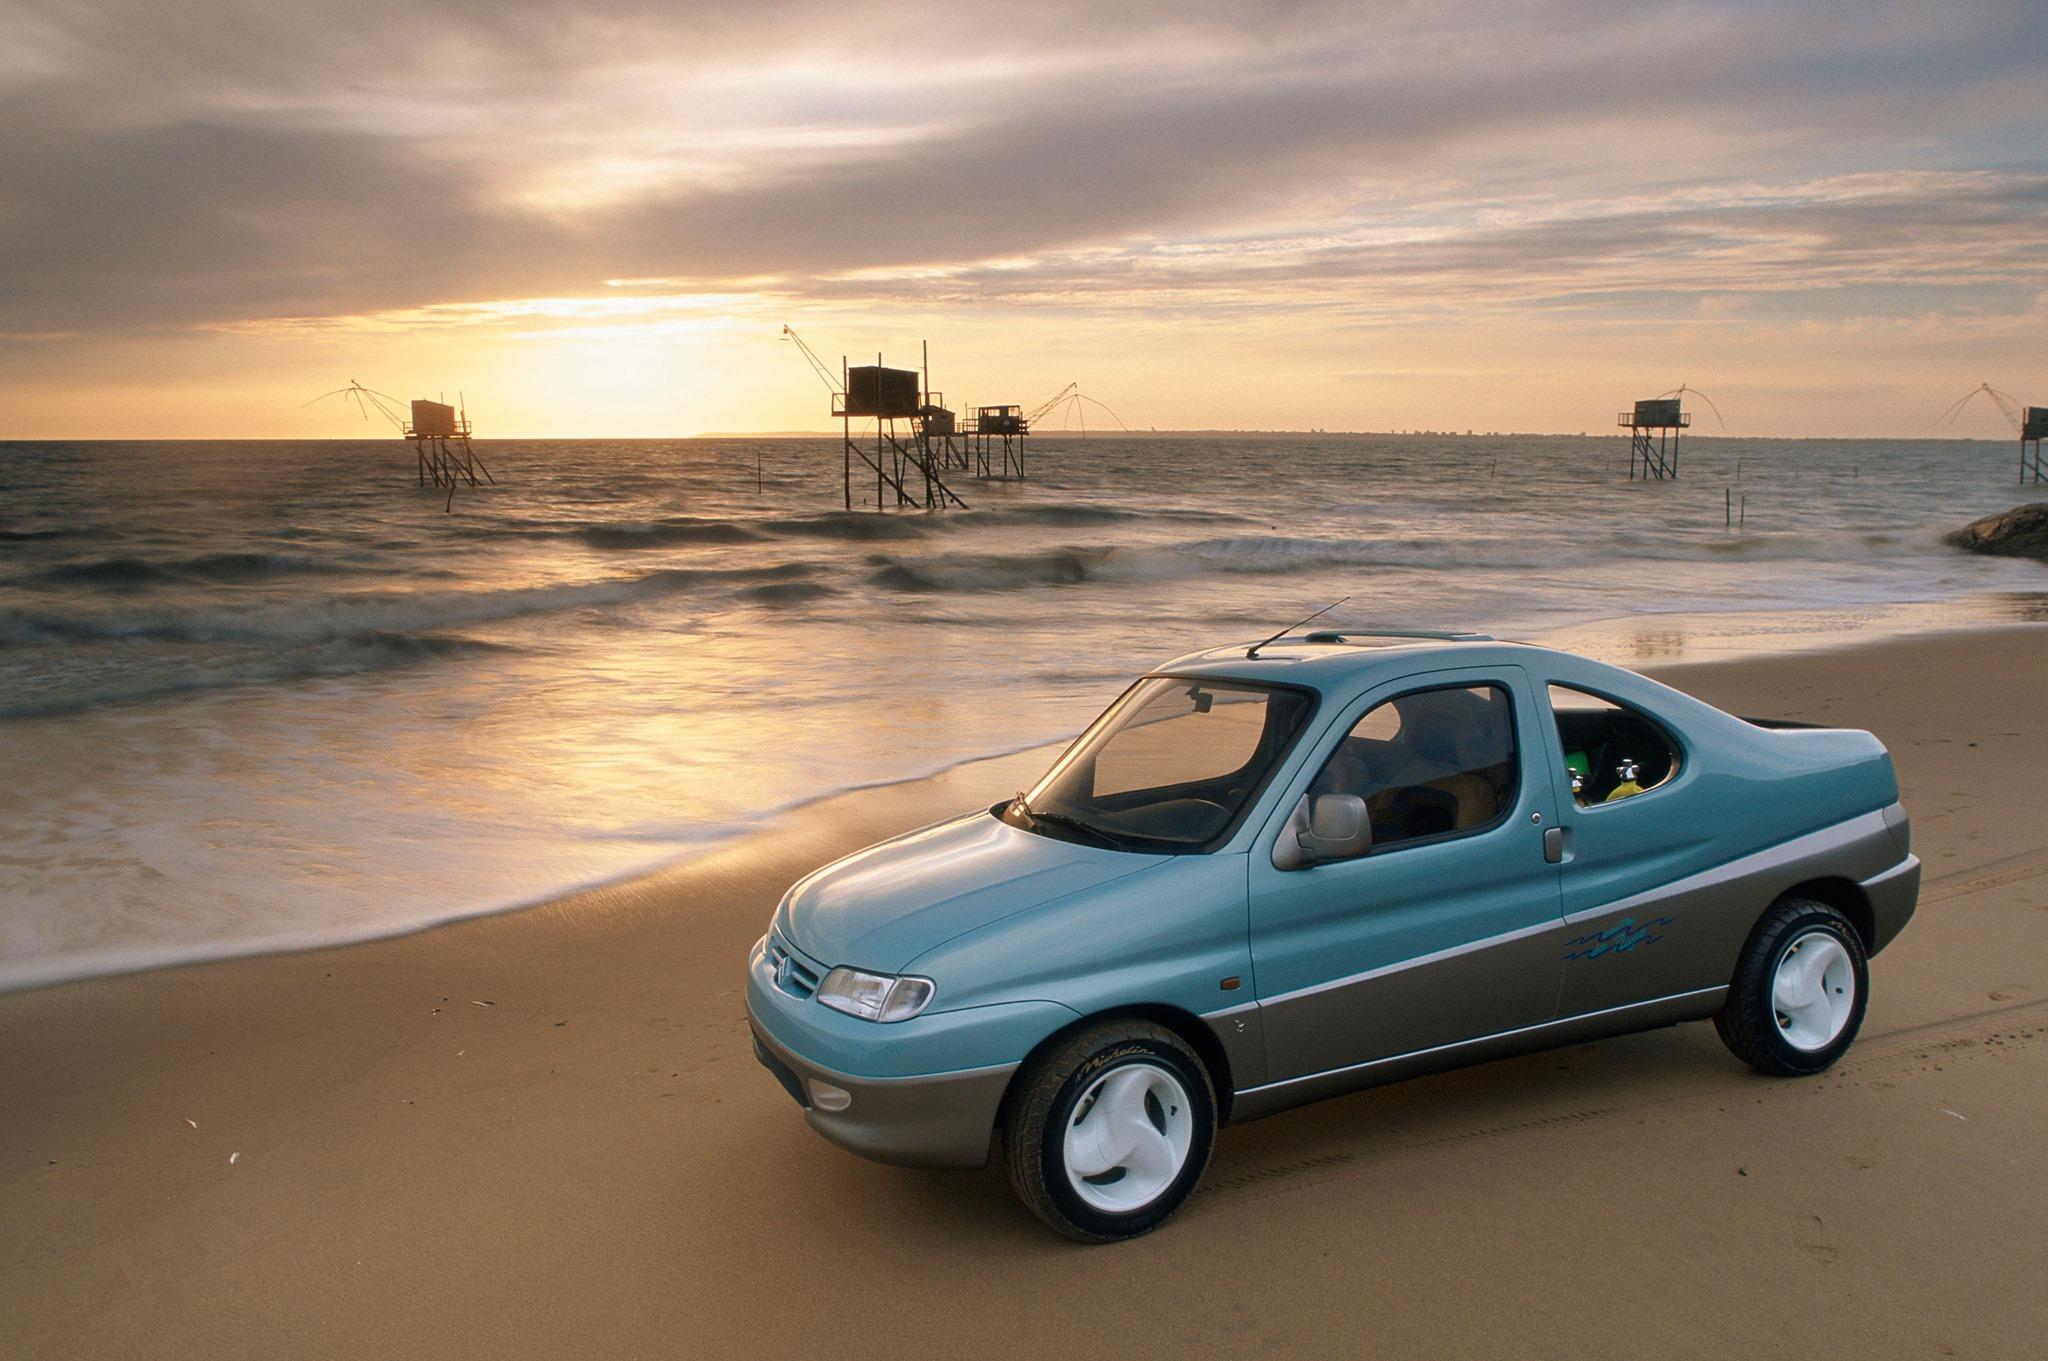 Citroen-Berlingo-Coupe-de-plage-Concept--1996-1